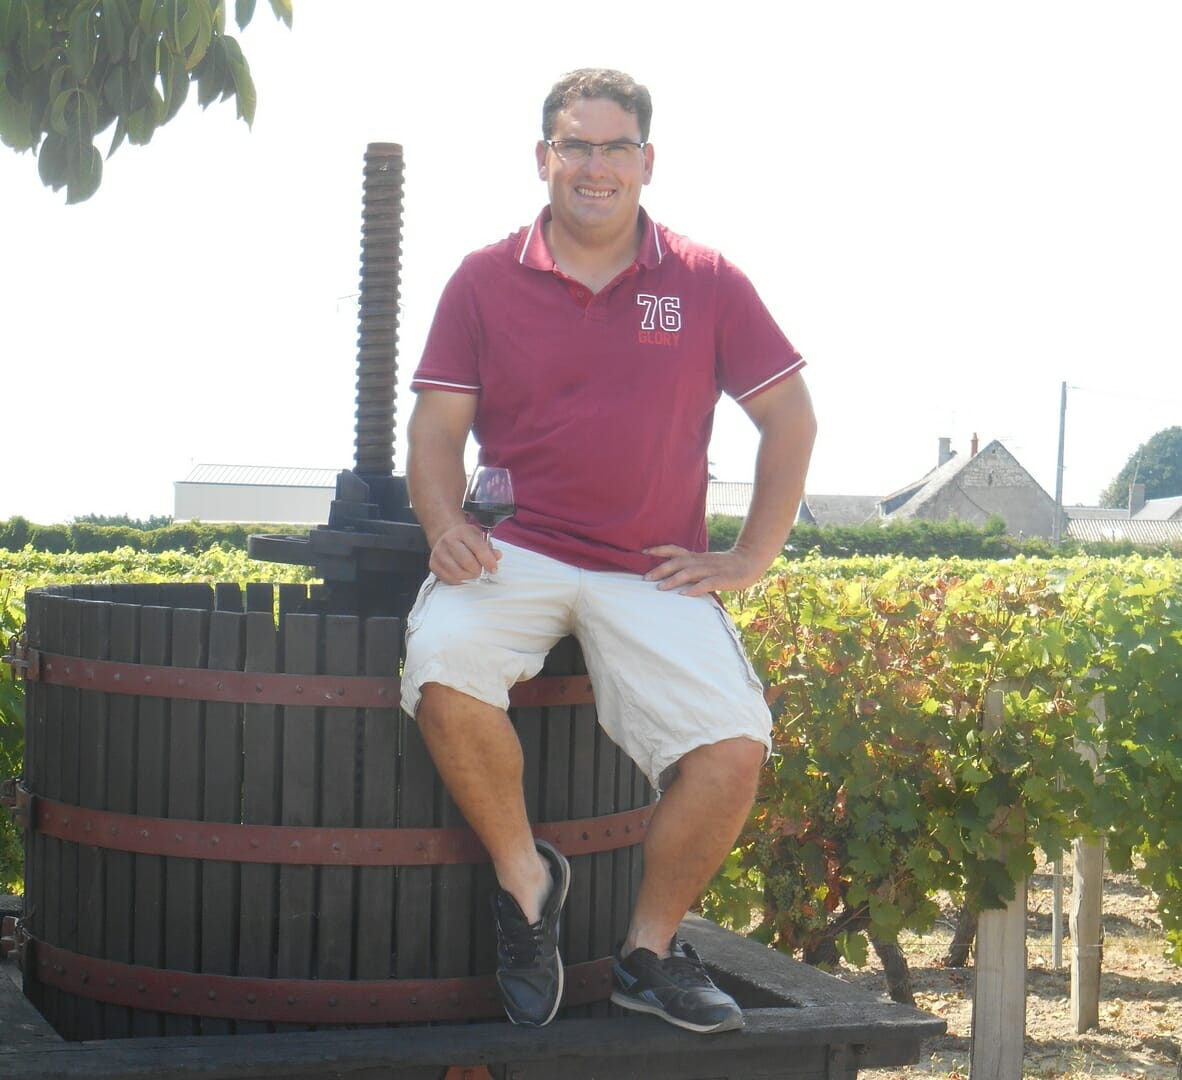 Vignoble du gros caillou patrice DELANOUE pressoir Saint Nicolas de Bourgueil